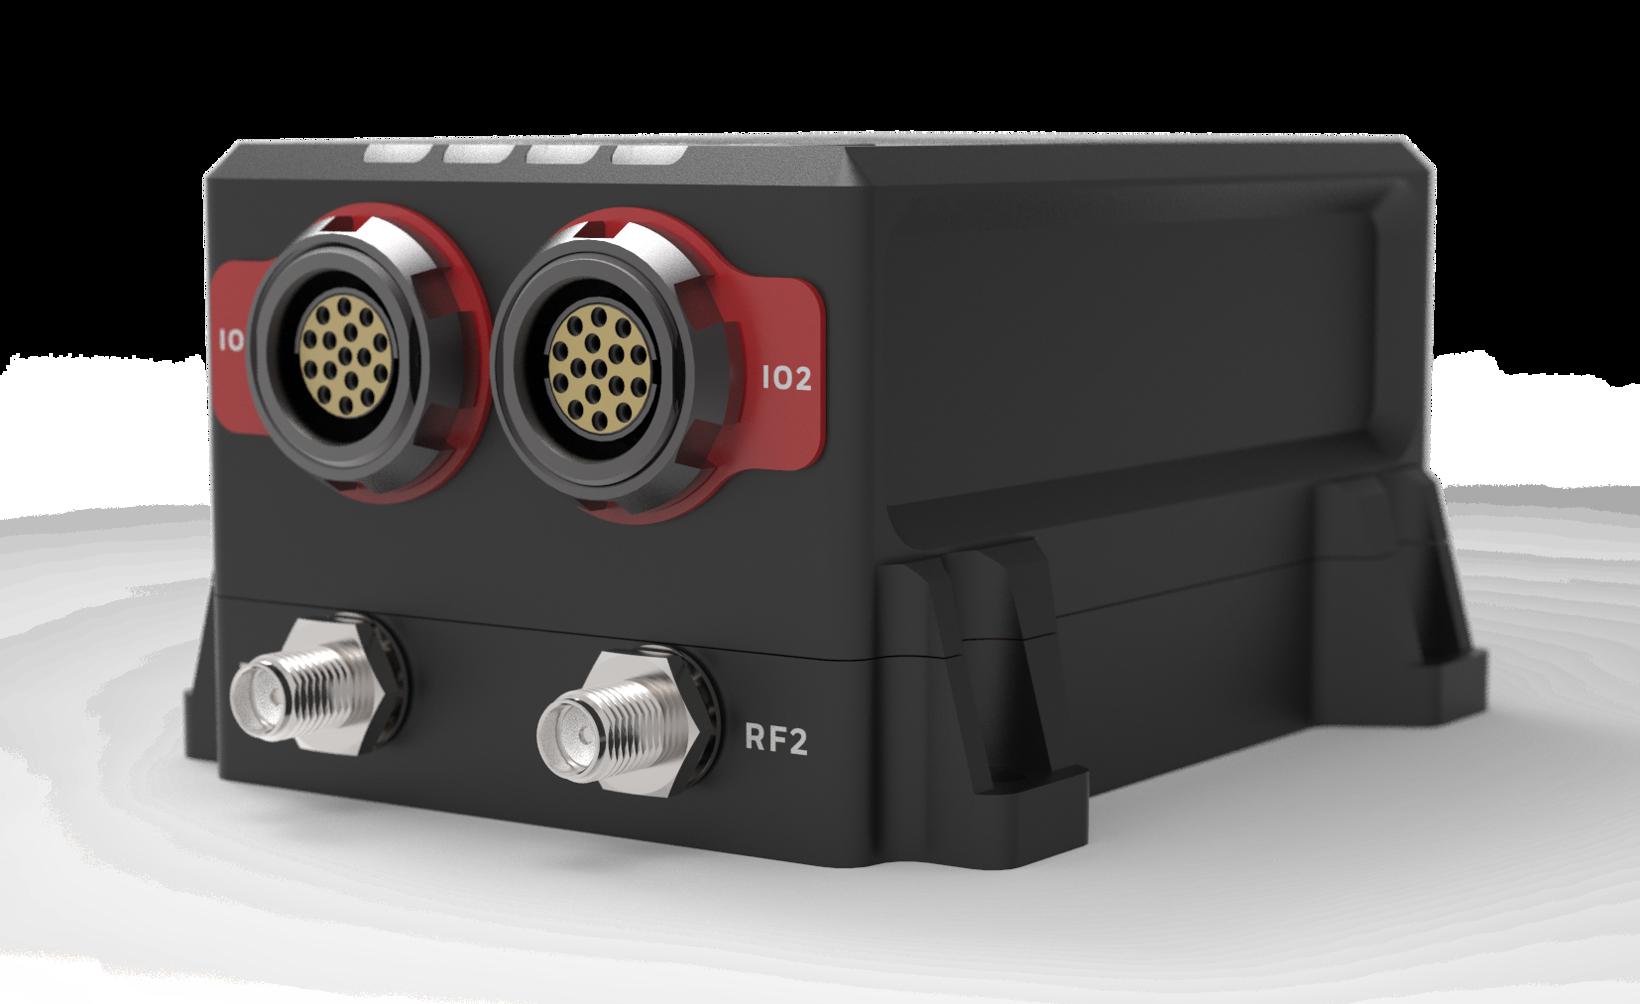 霍尼韦尔推出新型惯性导航系统 无GPS信号也能导航